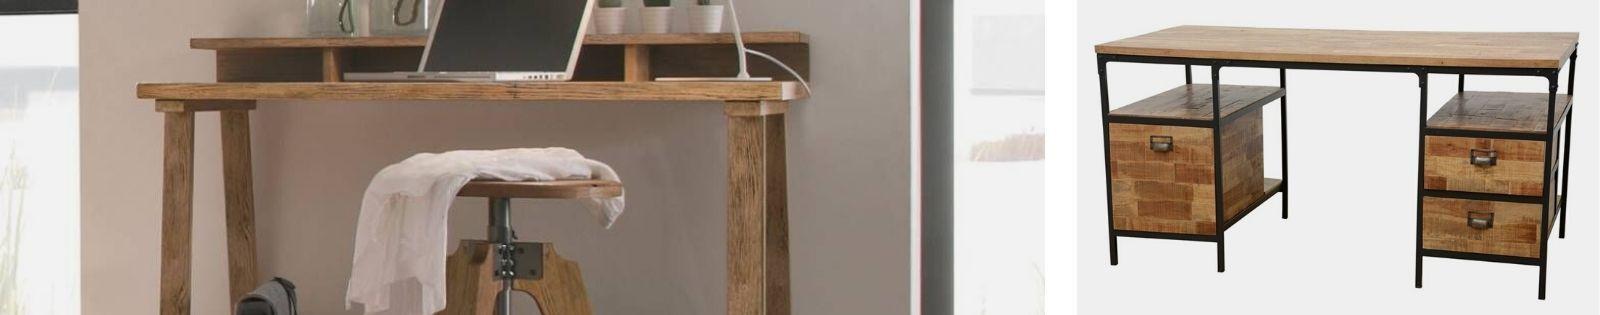 Bureaux en bois massif : meubles haut de gamme en hévéa, chêne...